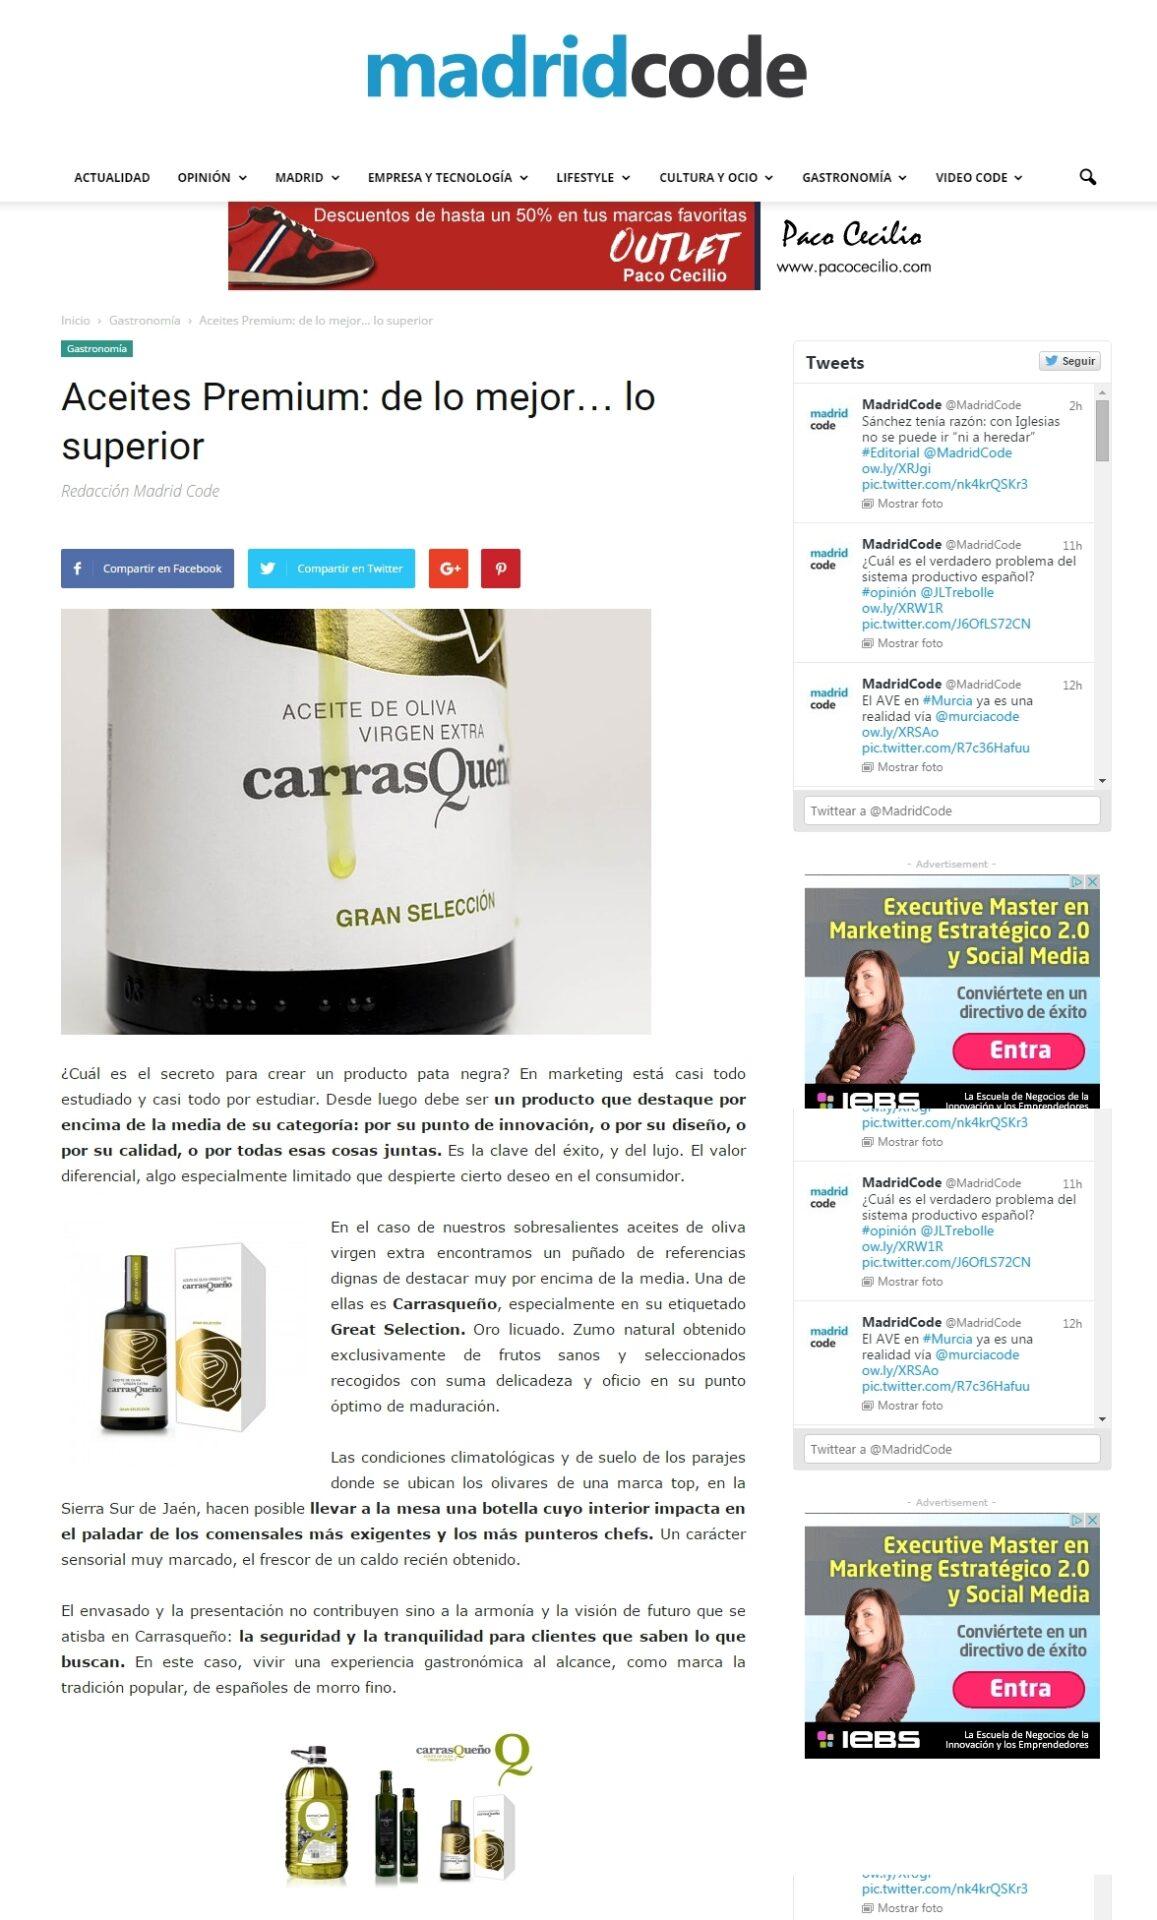 Artículo en Madridcode.com: Aceites Premium: de lo mejor… lo superior